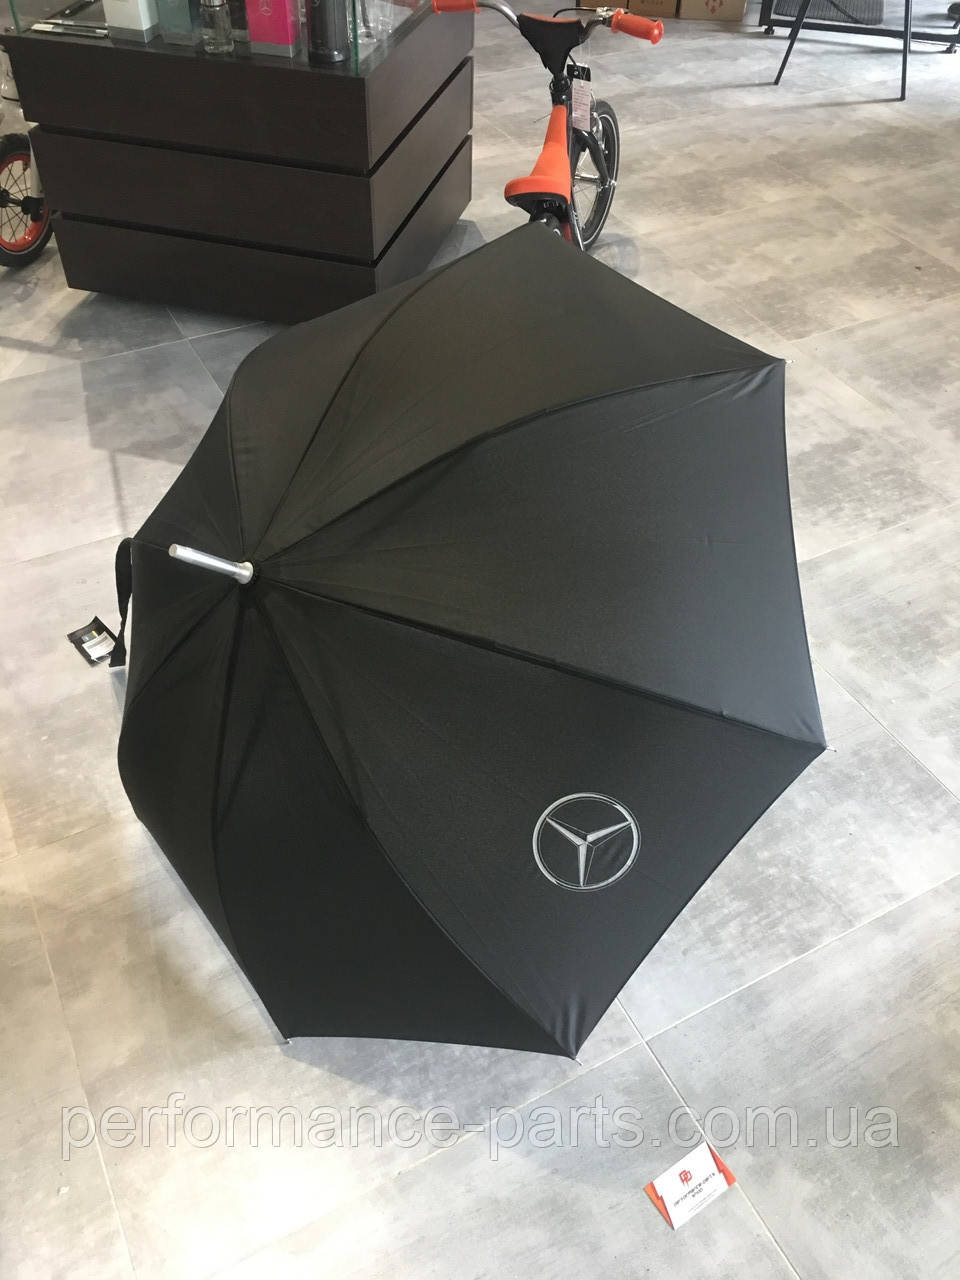 Зонт-трость Mercedes-Benz Collektion Stick Umbrella Black, B66952629. Оригинал. Черного цвета.